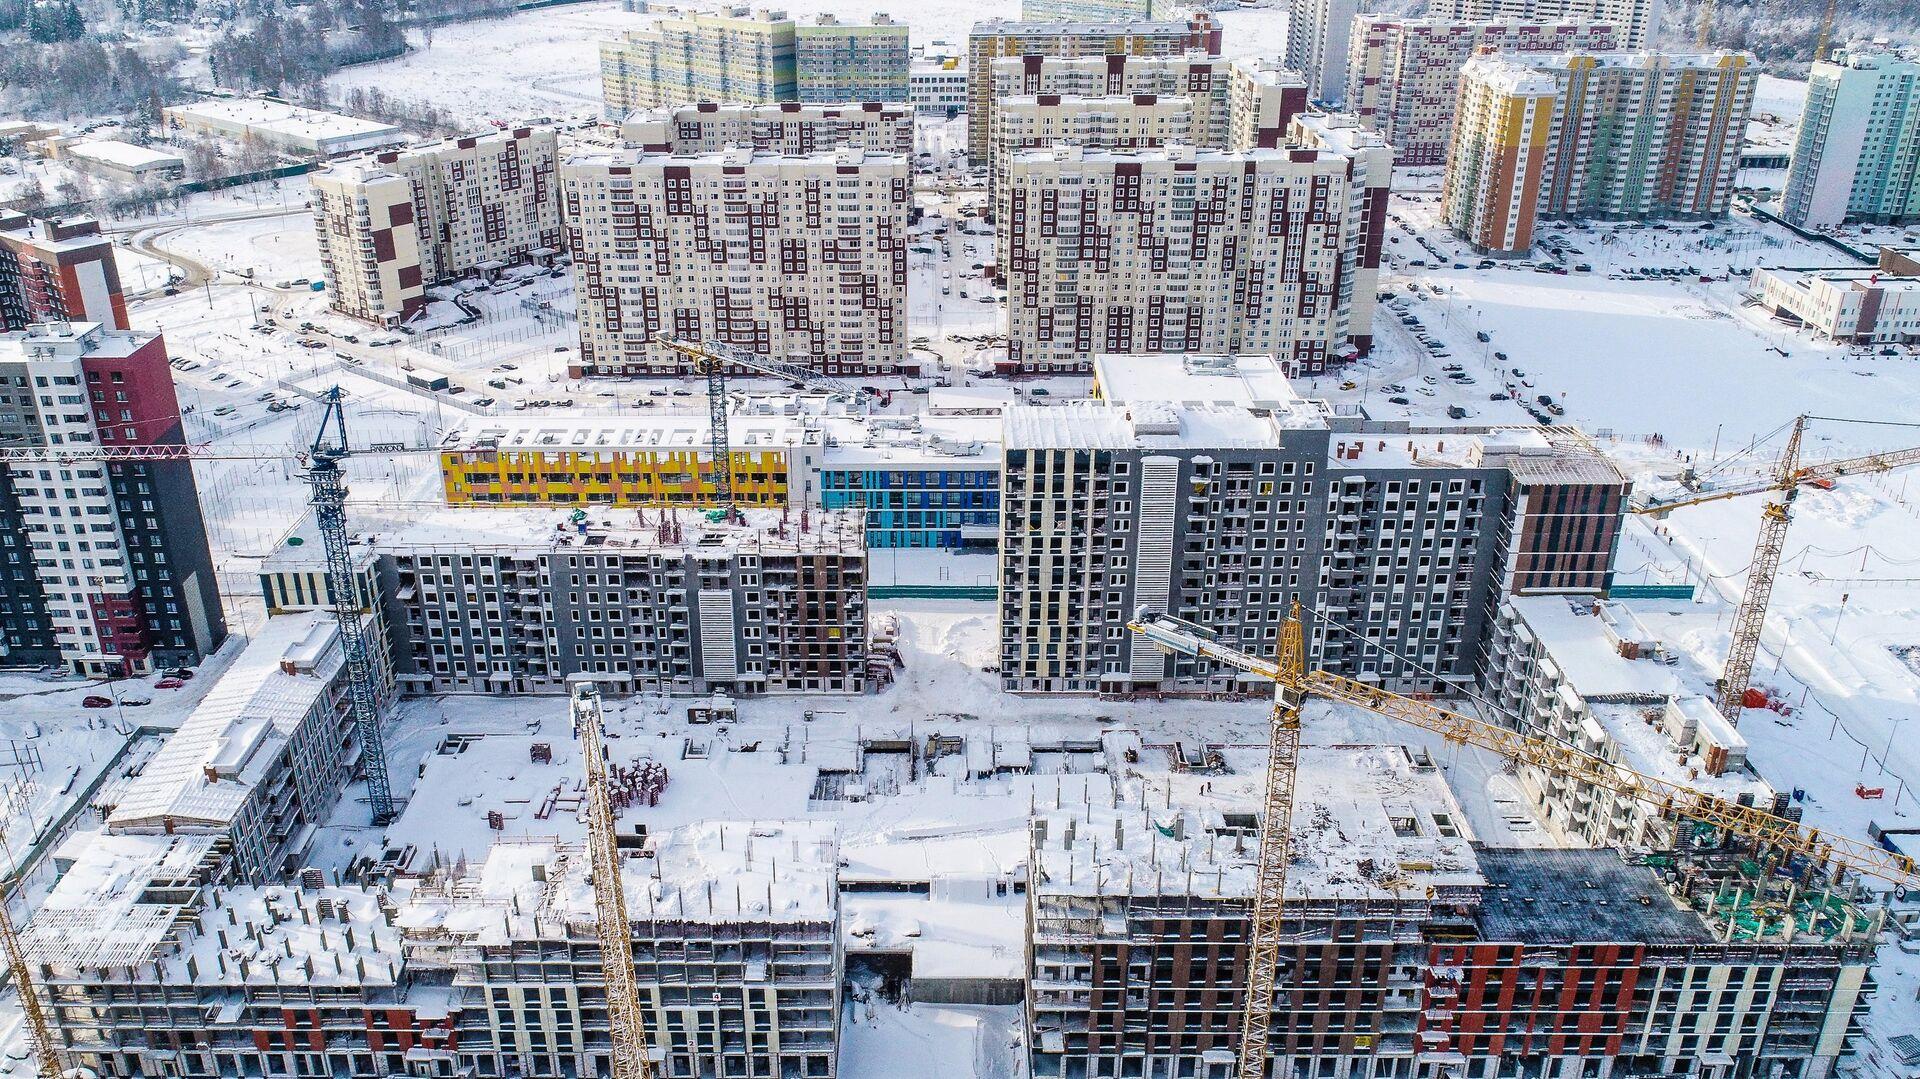 Строительство домов в Новой Москве - РИА Новости, 1920, 23.12.2020